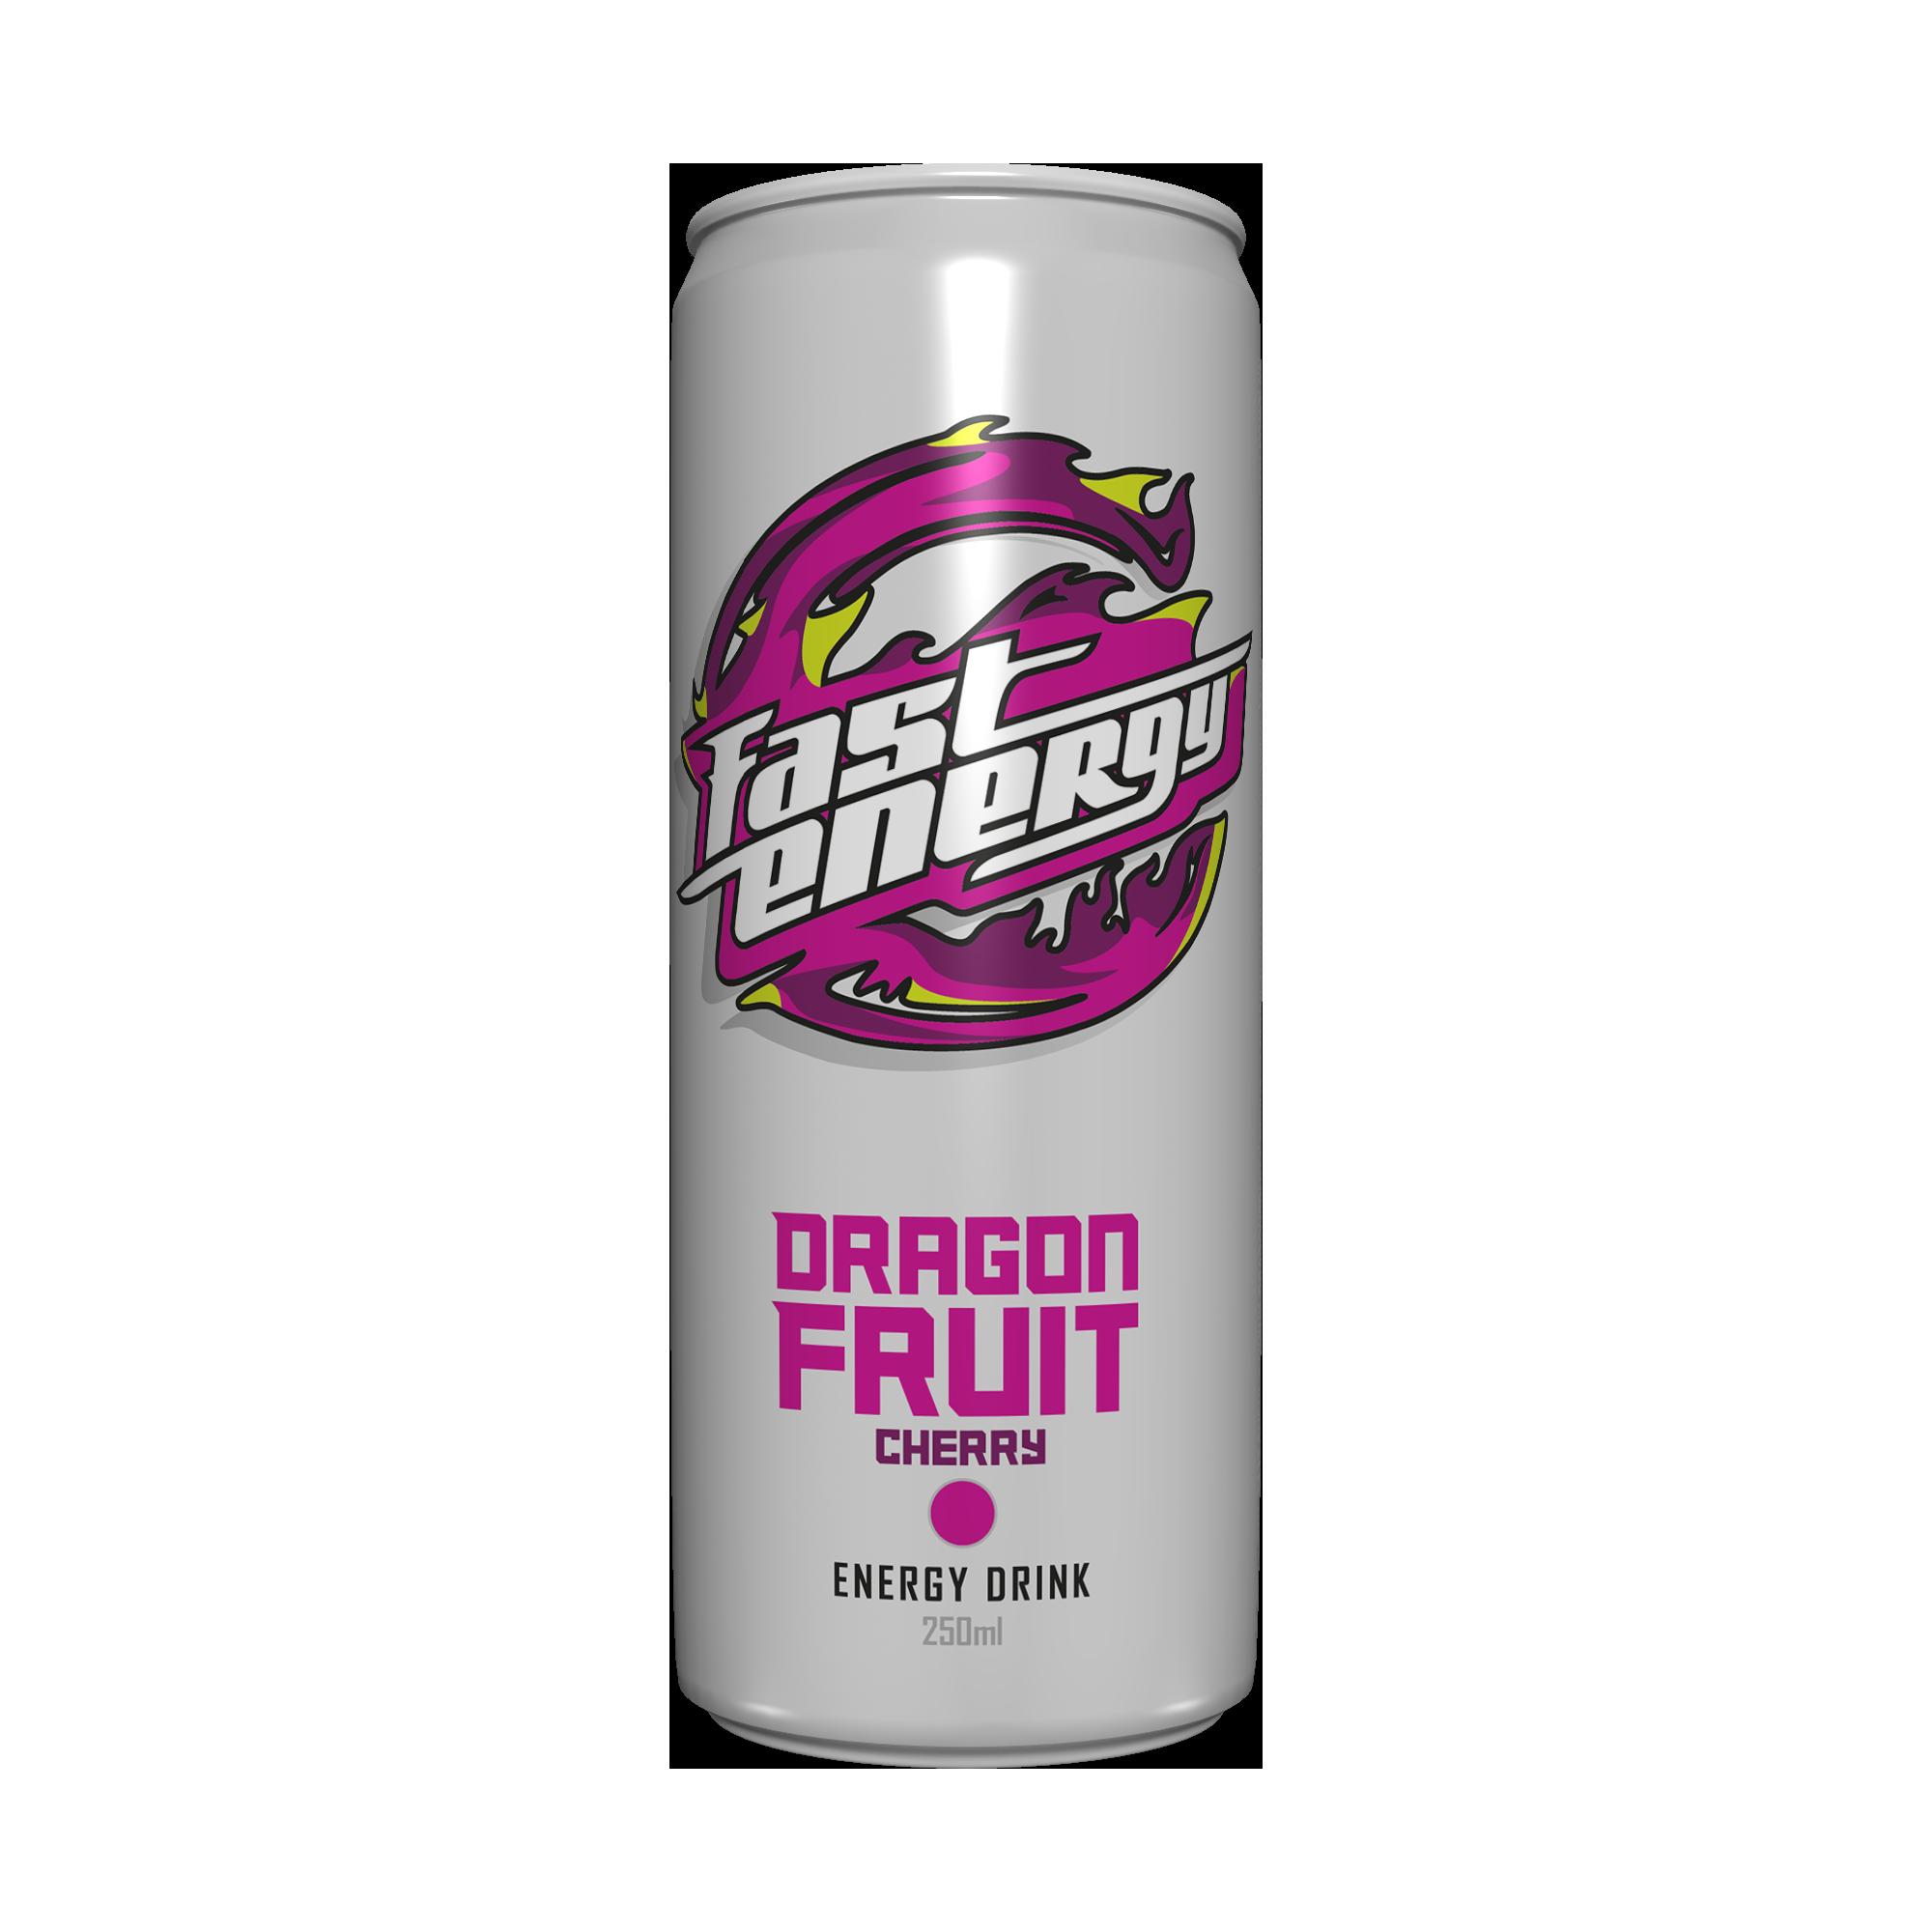 1578561592_Dragon_Cherry.png